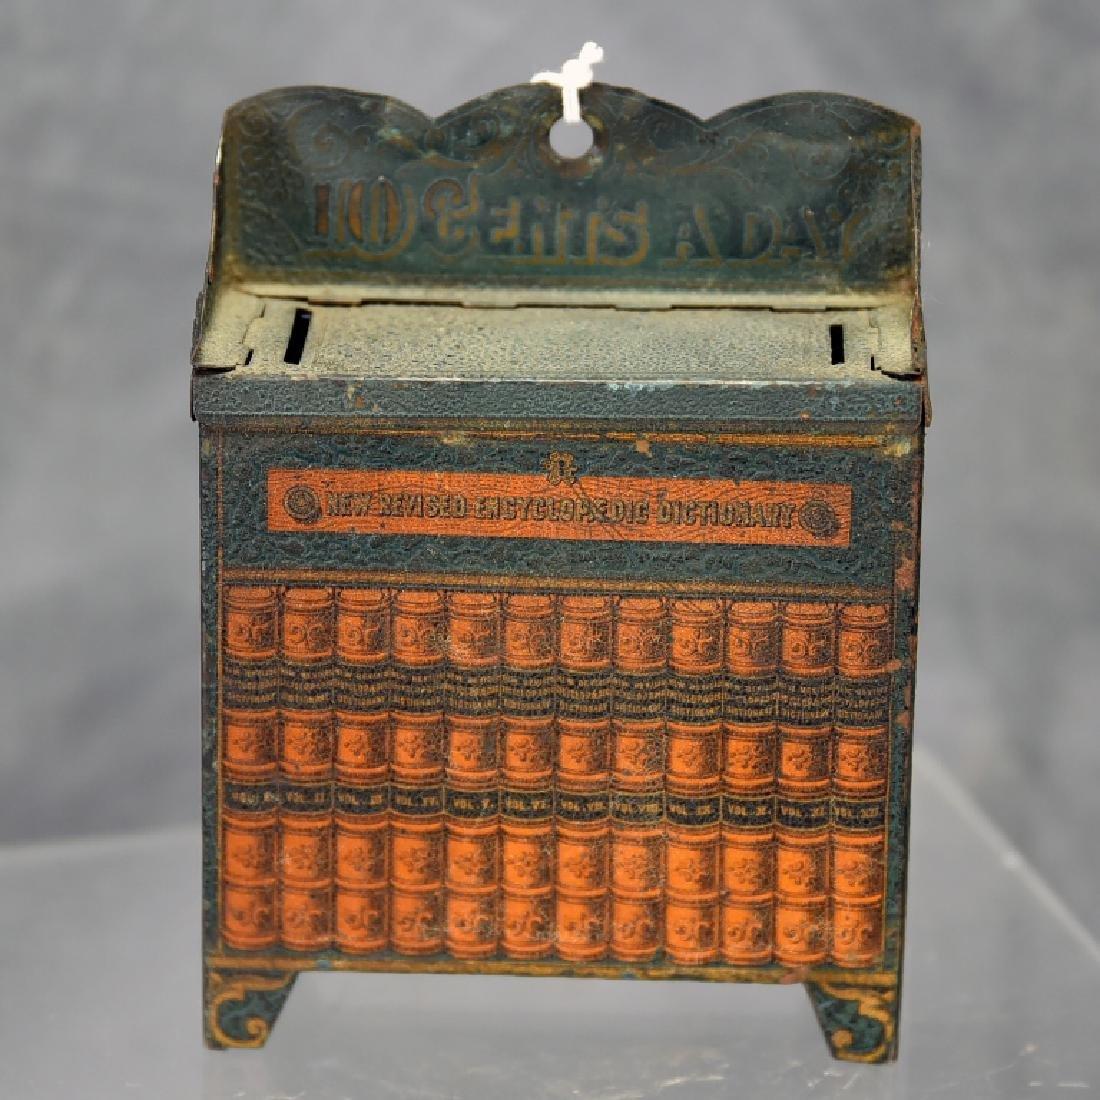 10 Cents a Day Tin Encyclopedia Bookcase Bank